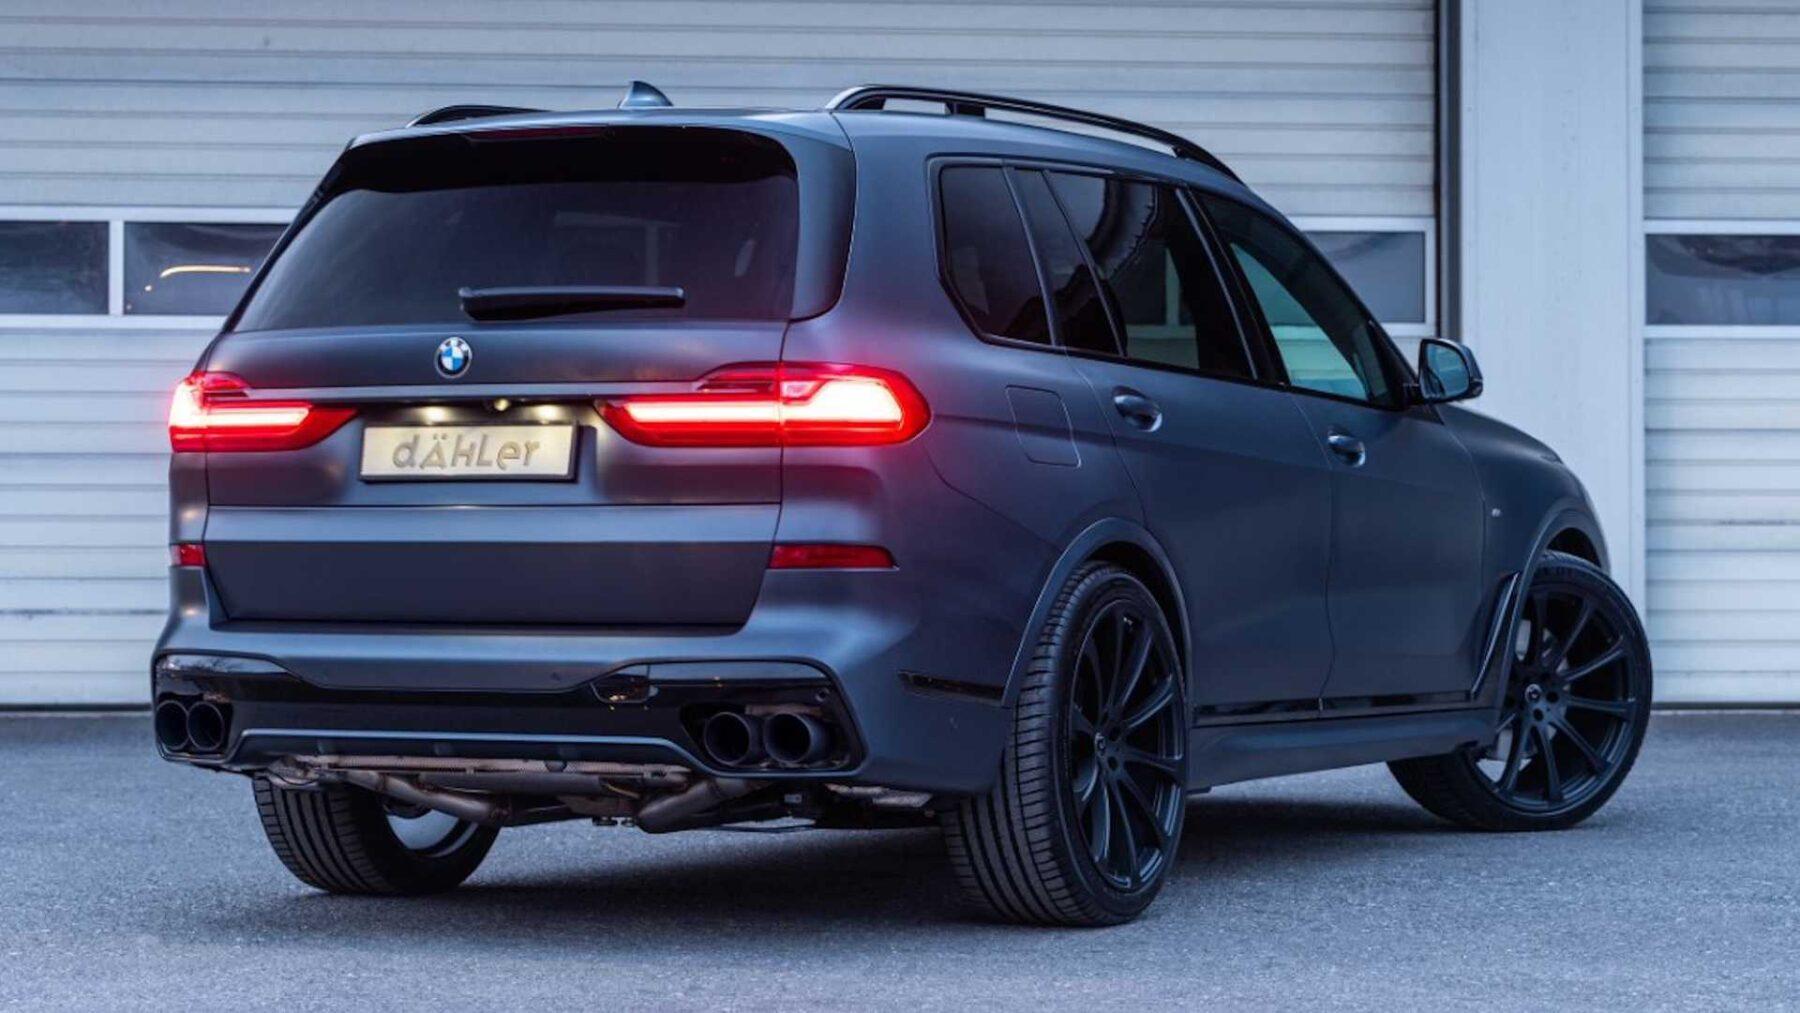 El BMW X7 Dark Shadow Edition de Dähler recibe pocos cambios estéticos